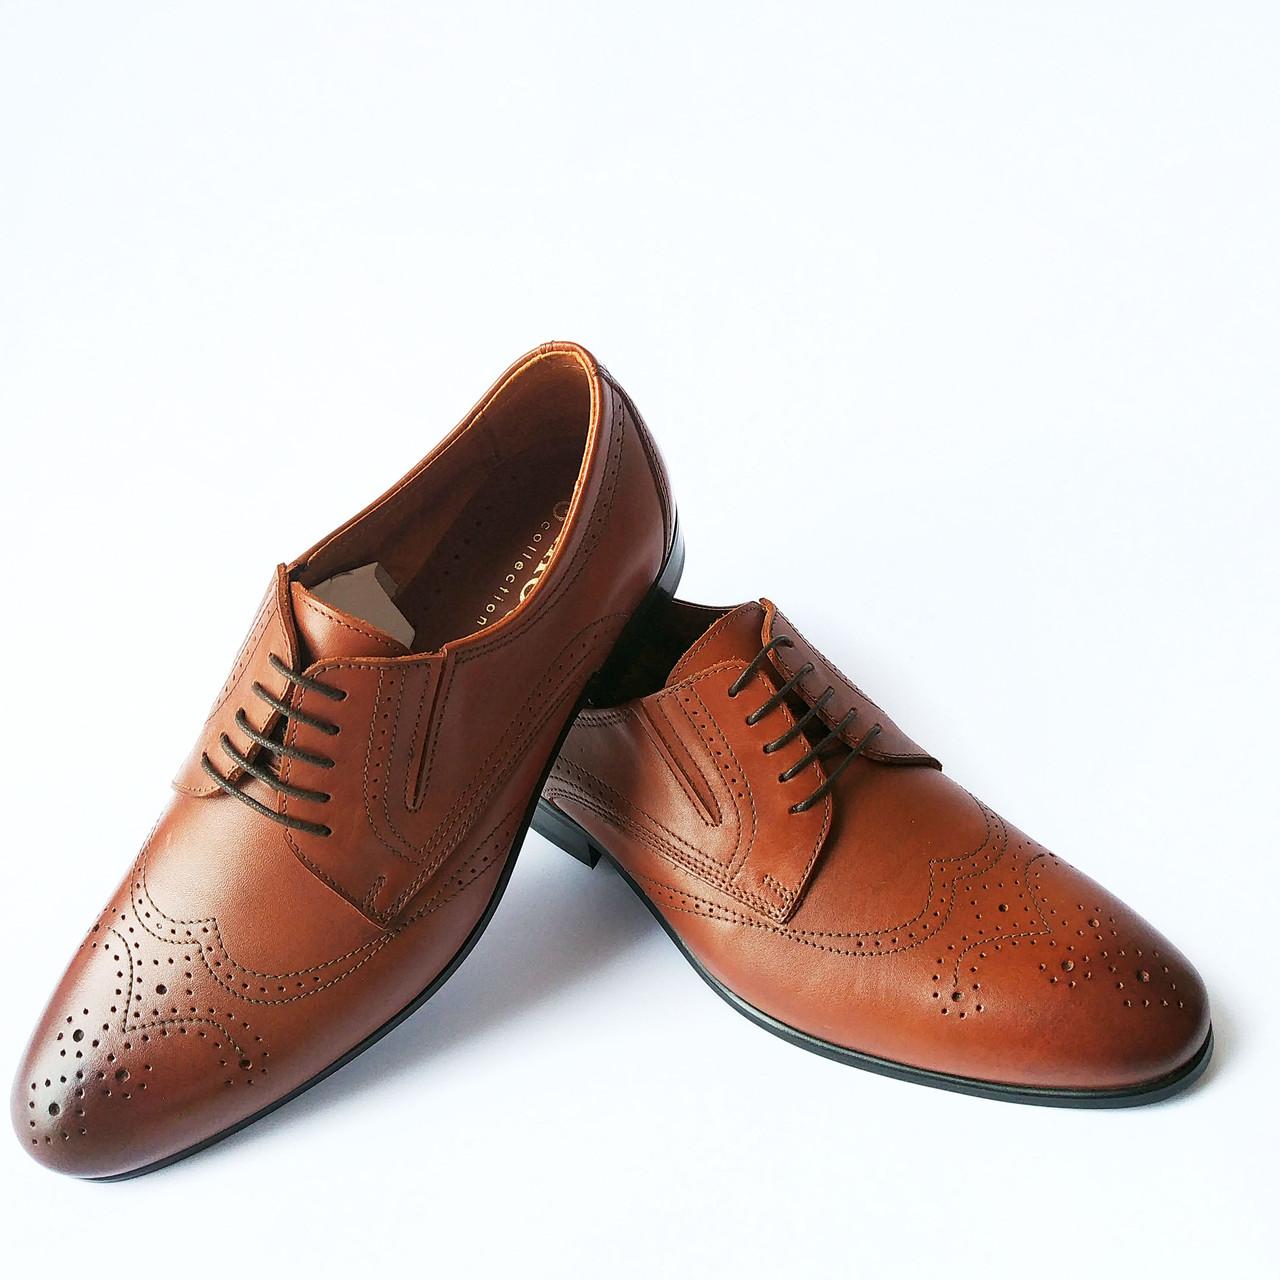 fe8776c2666d Мужская обувь Икос   кожаные туфли с перфорацией, коричневого цвета -  Интернет-магазин